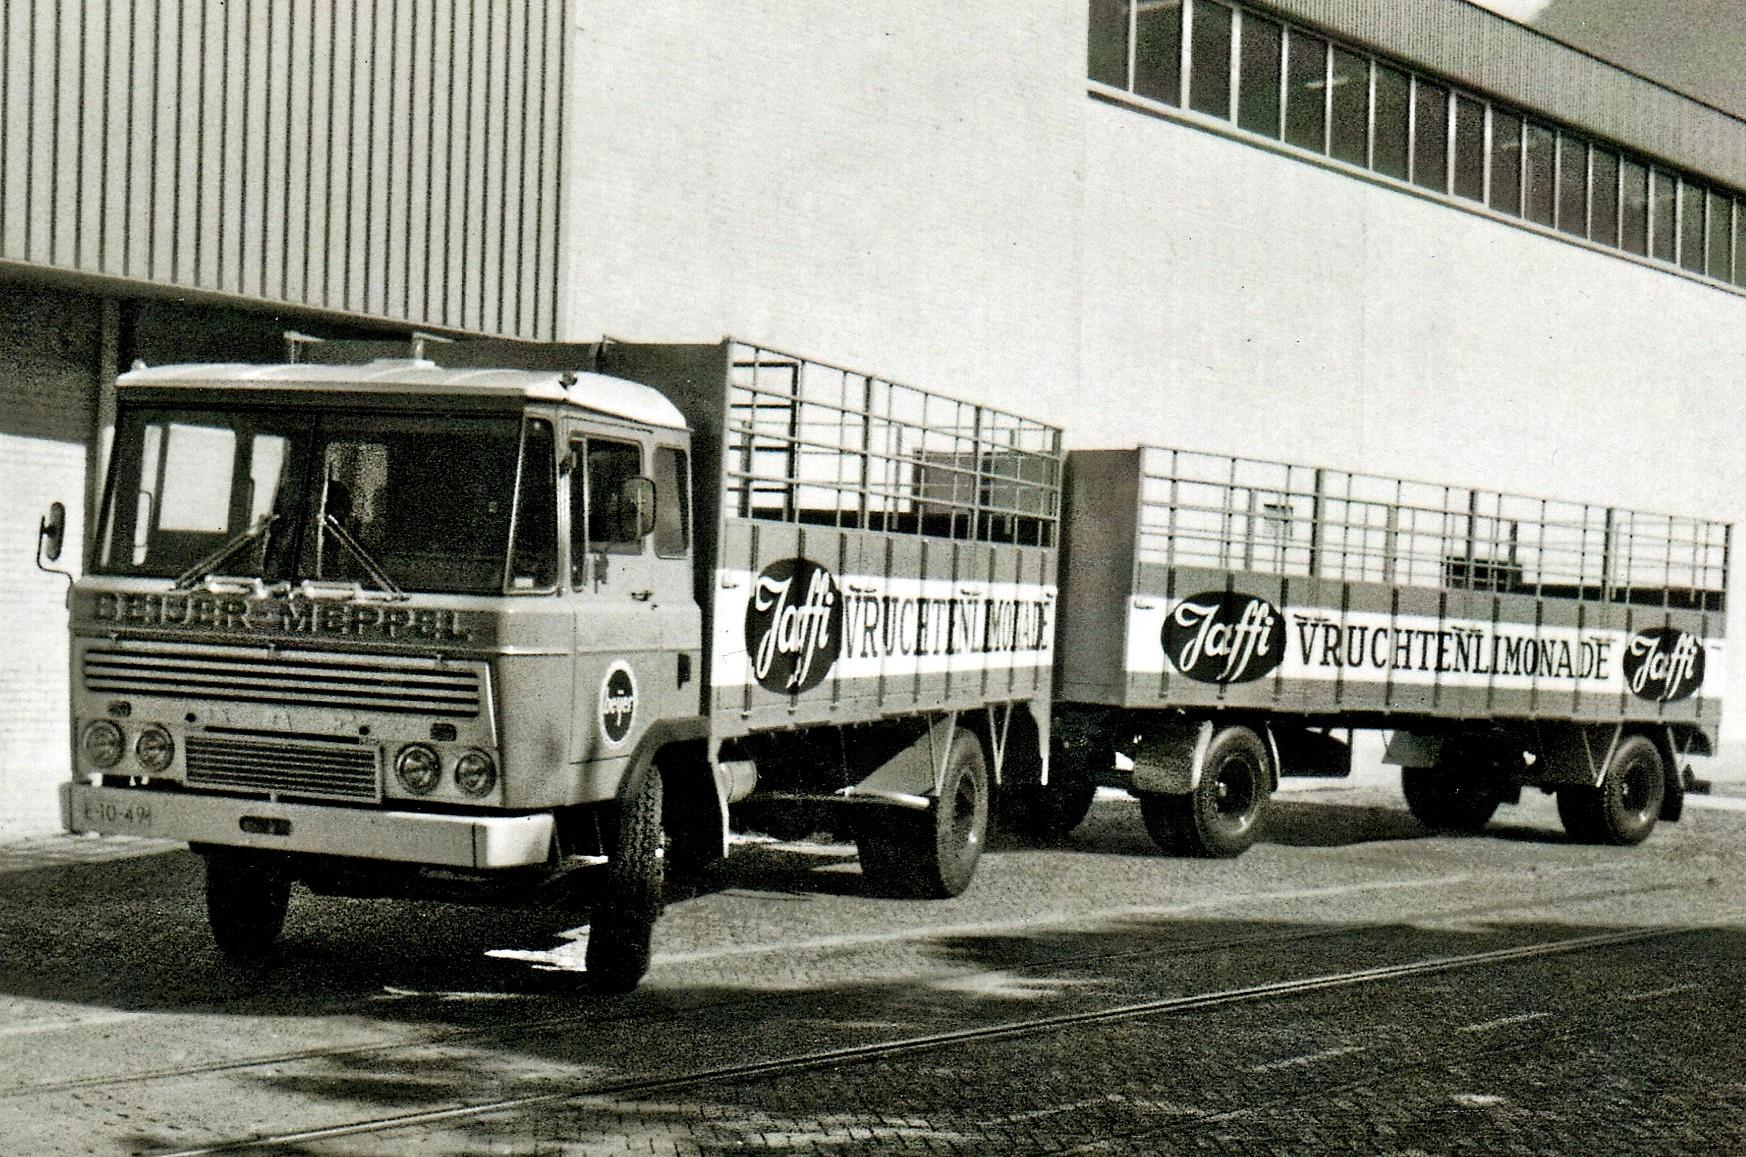 Daf-2600-combi-nieuw-drankenwagen